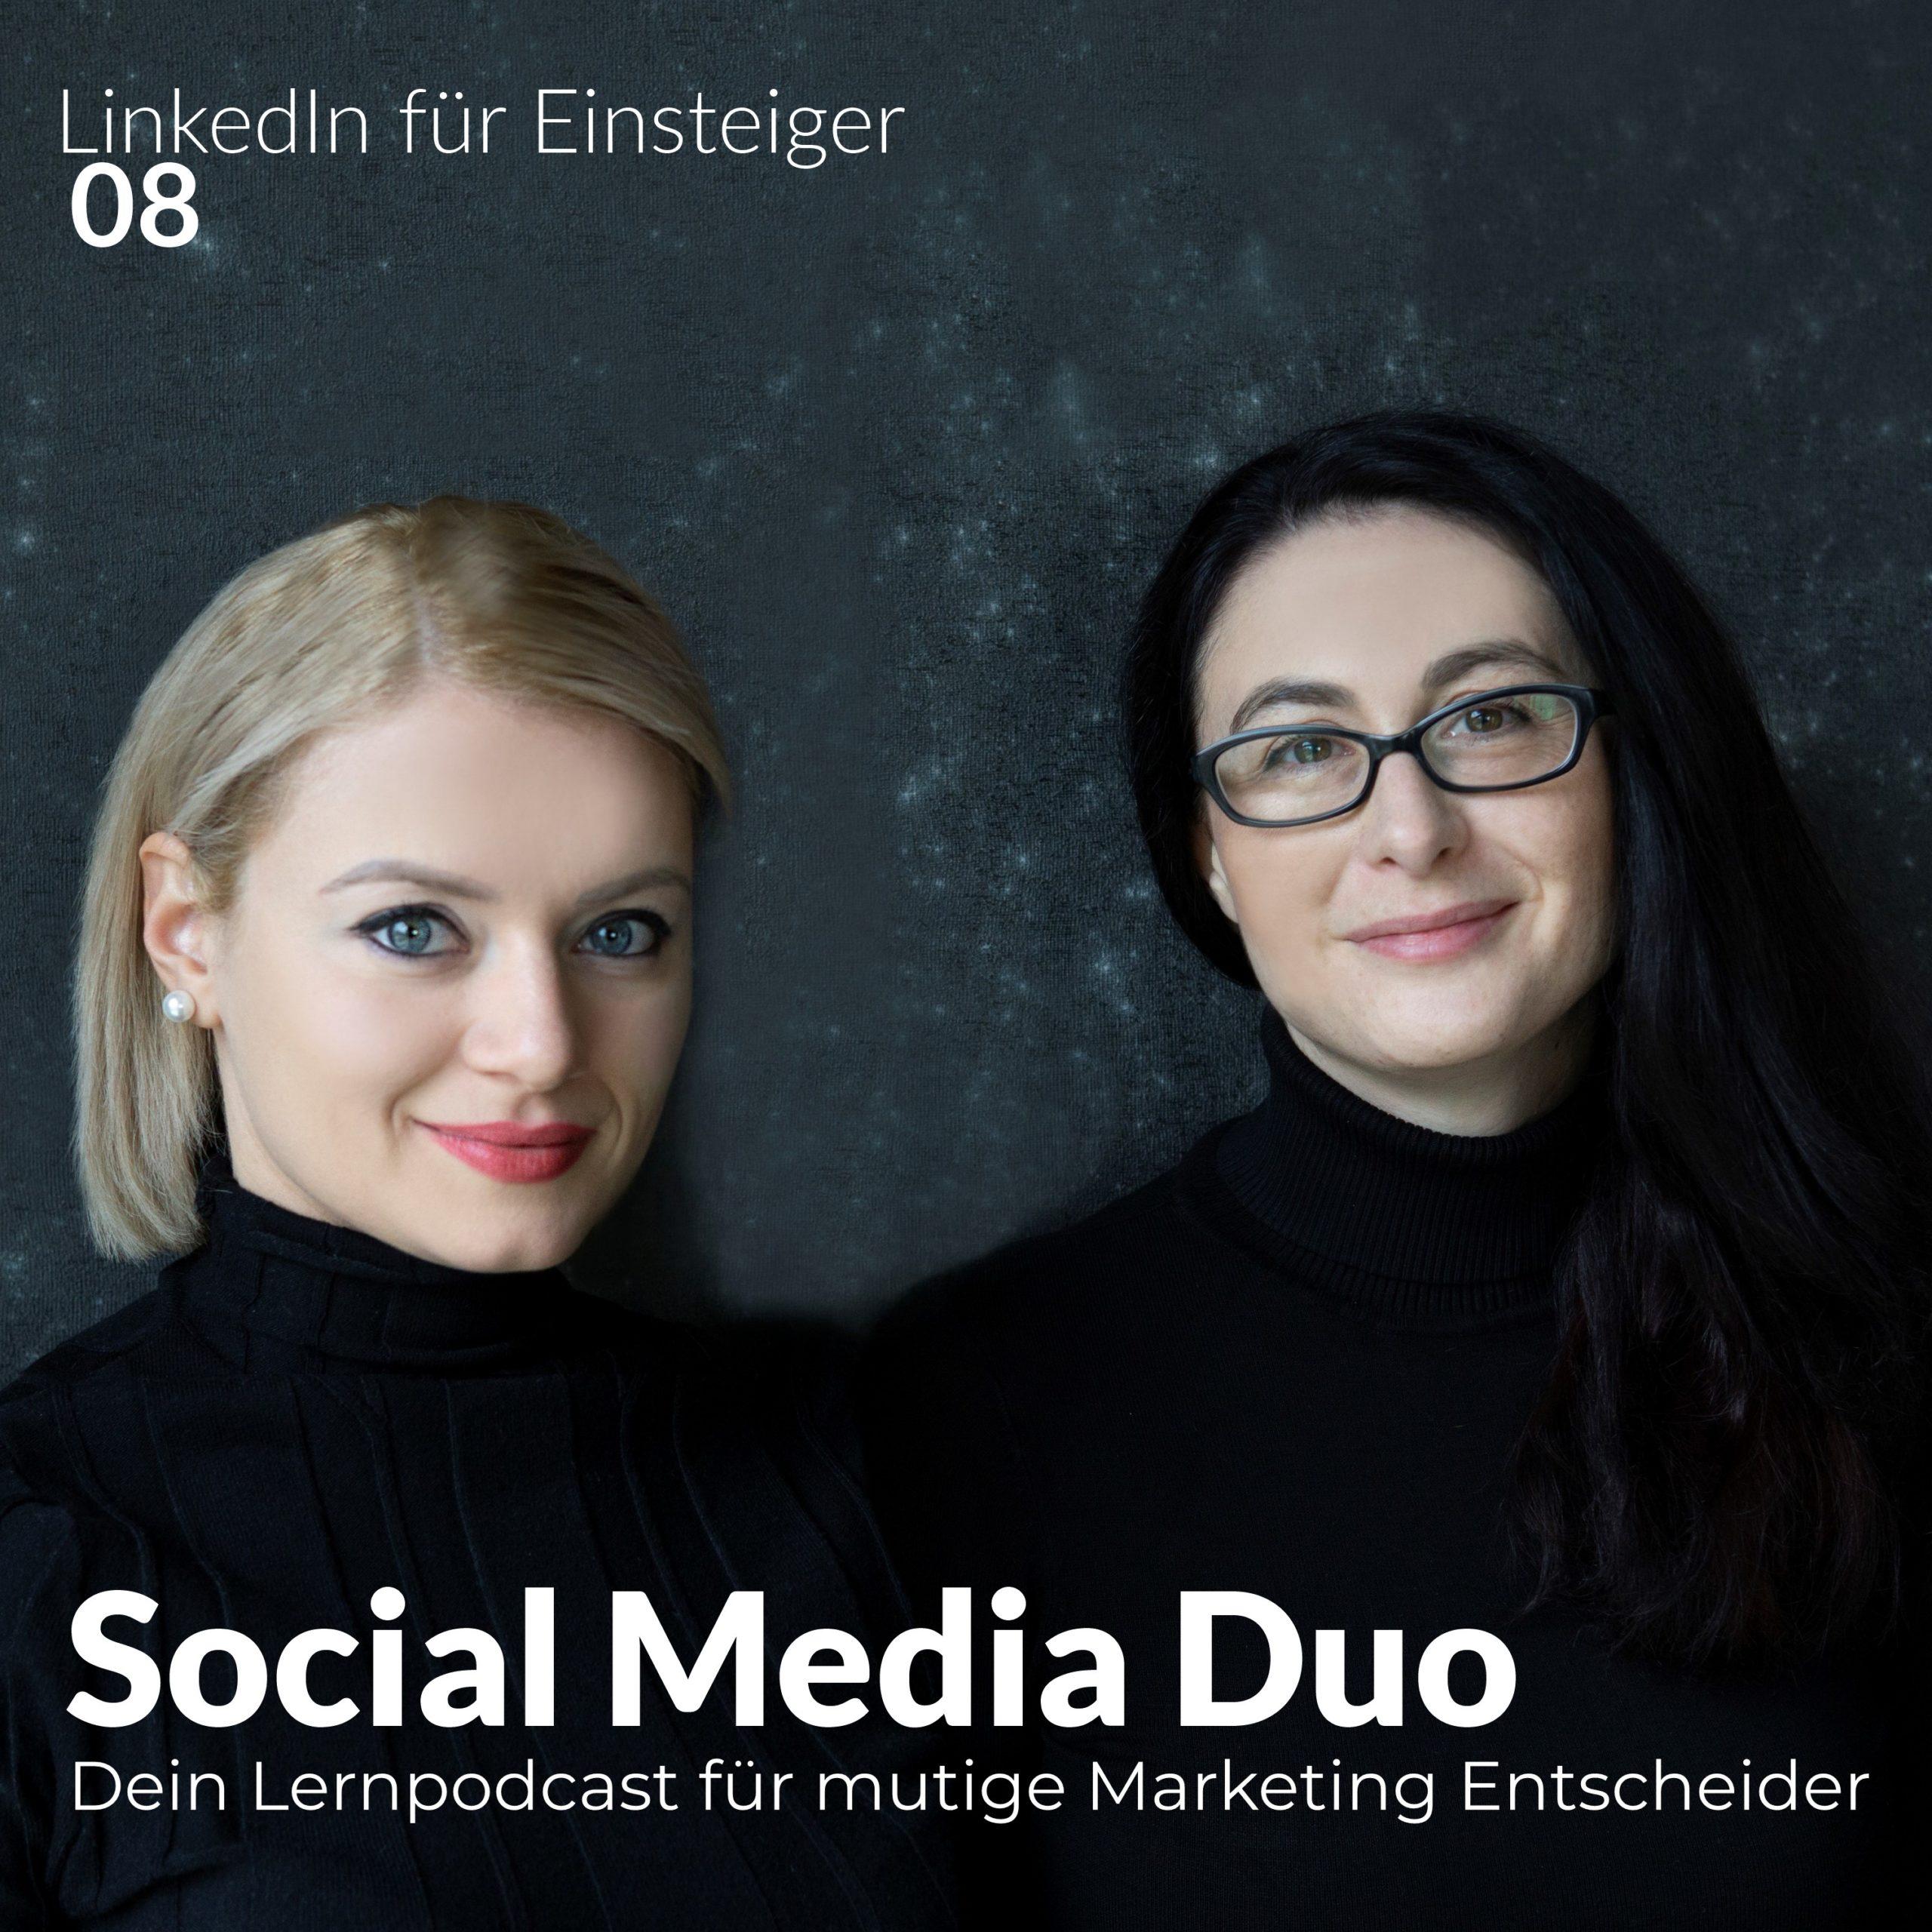 Episode 8: LinkedIn für Einsteiger